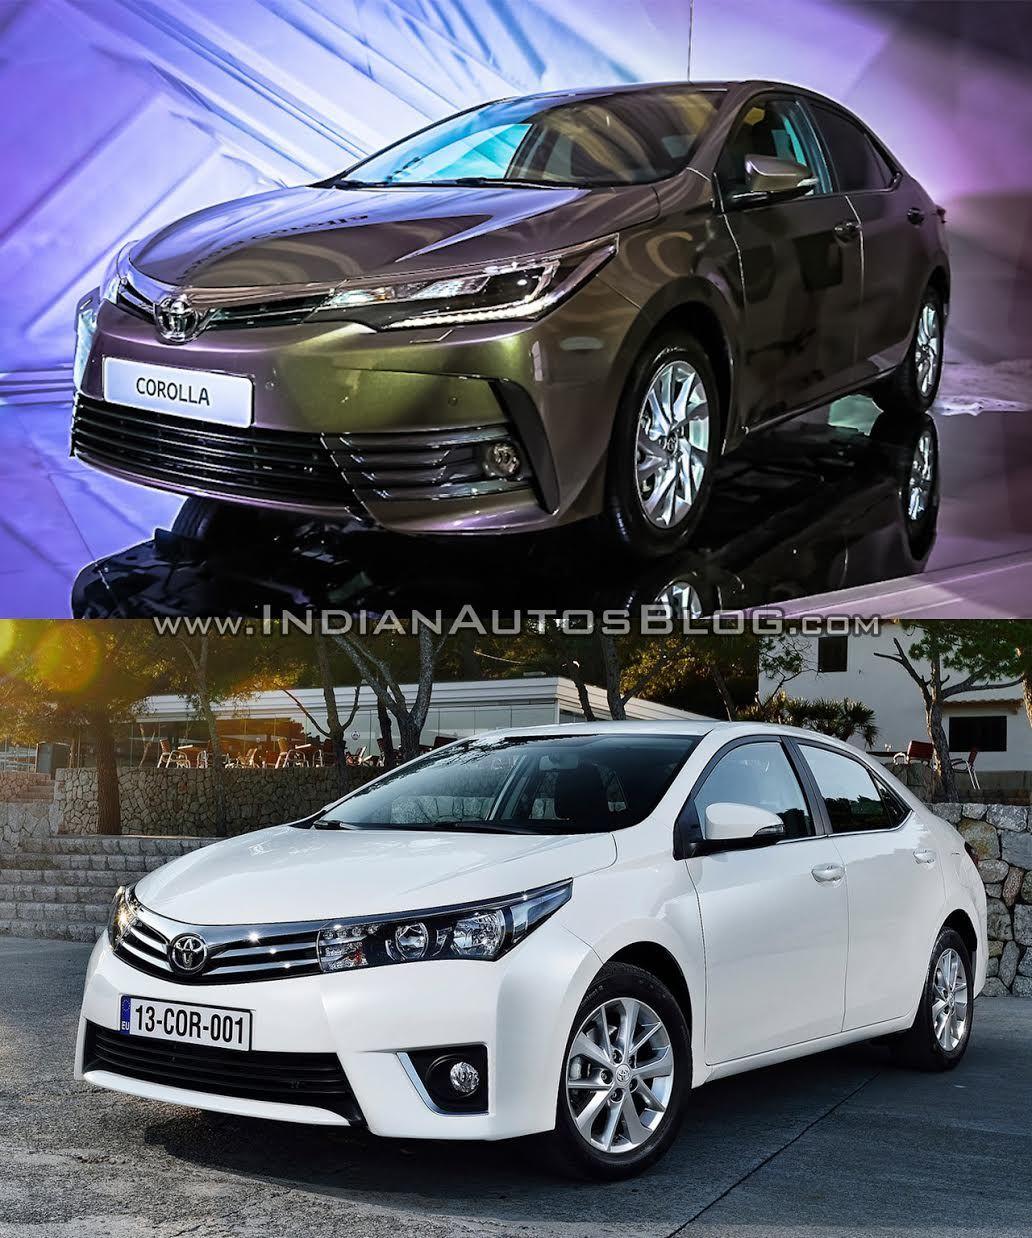 2016 Toyota Corolla Facelift Vs Older Model Old New